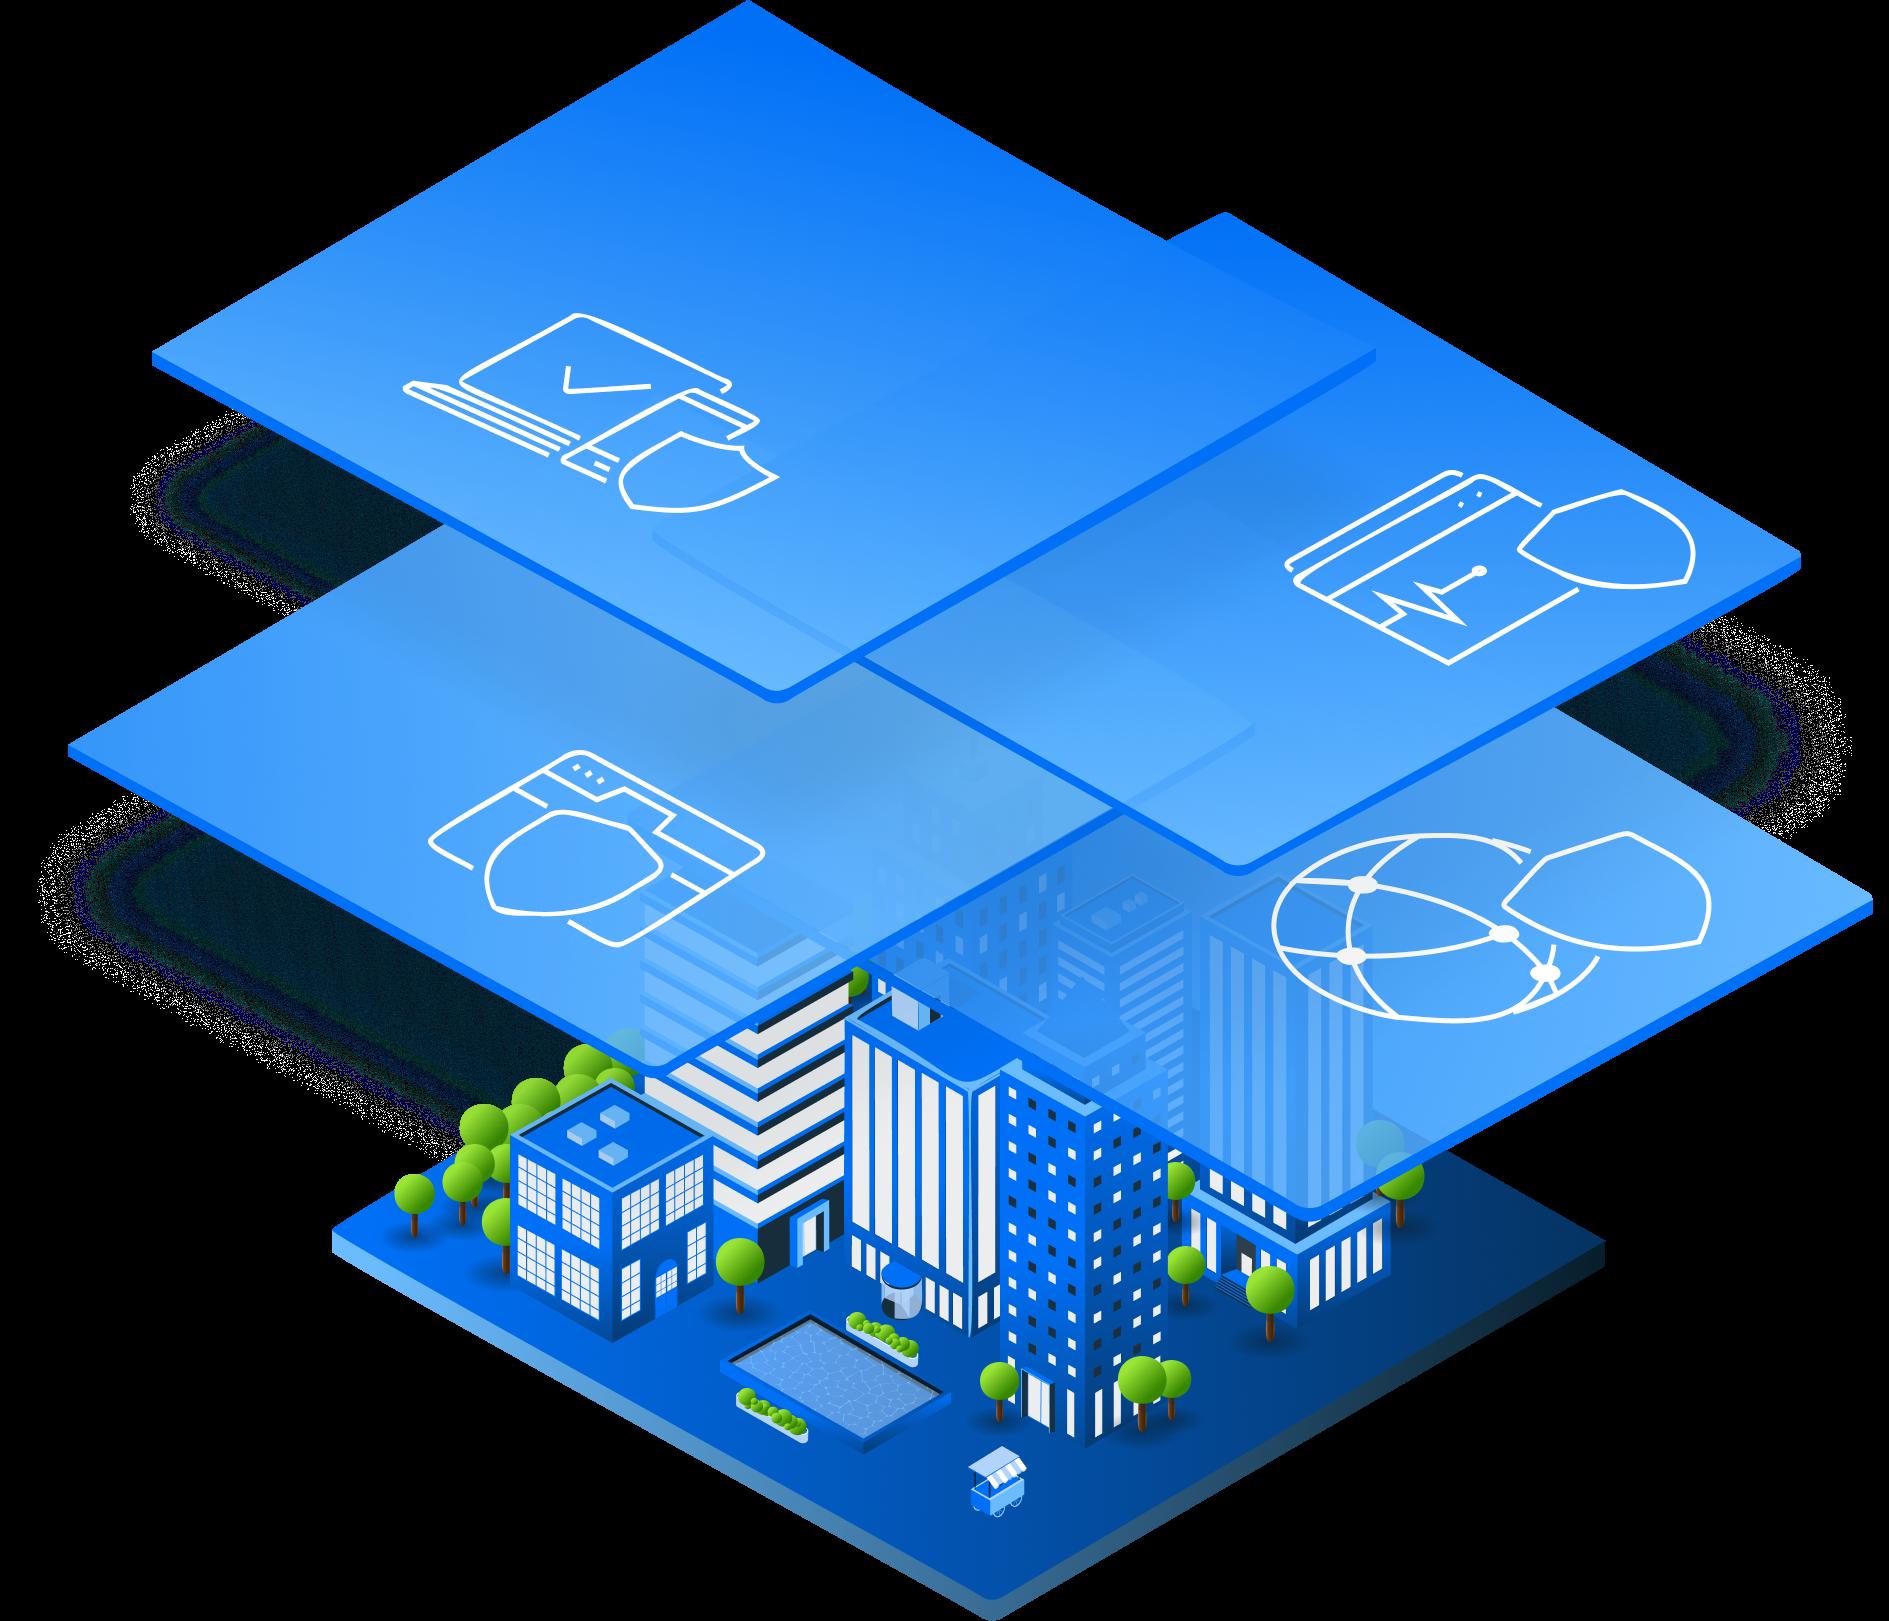 Защитите свой бизнес от всех типов уязвимостей с помощью комплексной системы безопасности Avast.